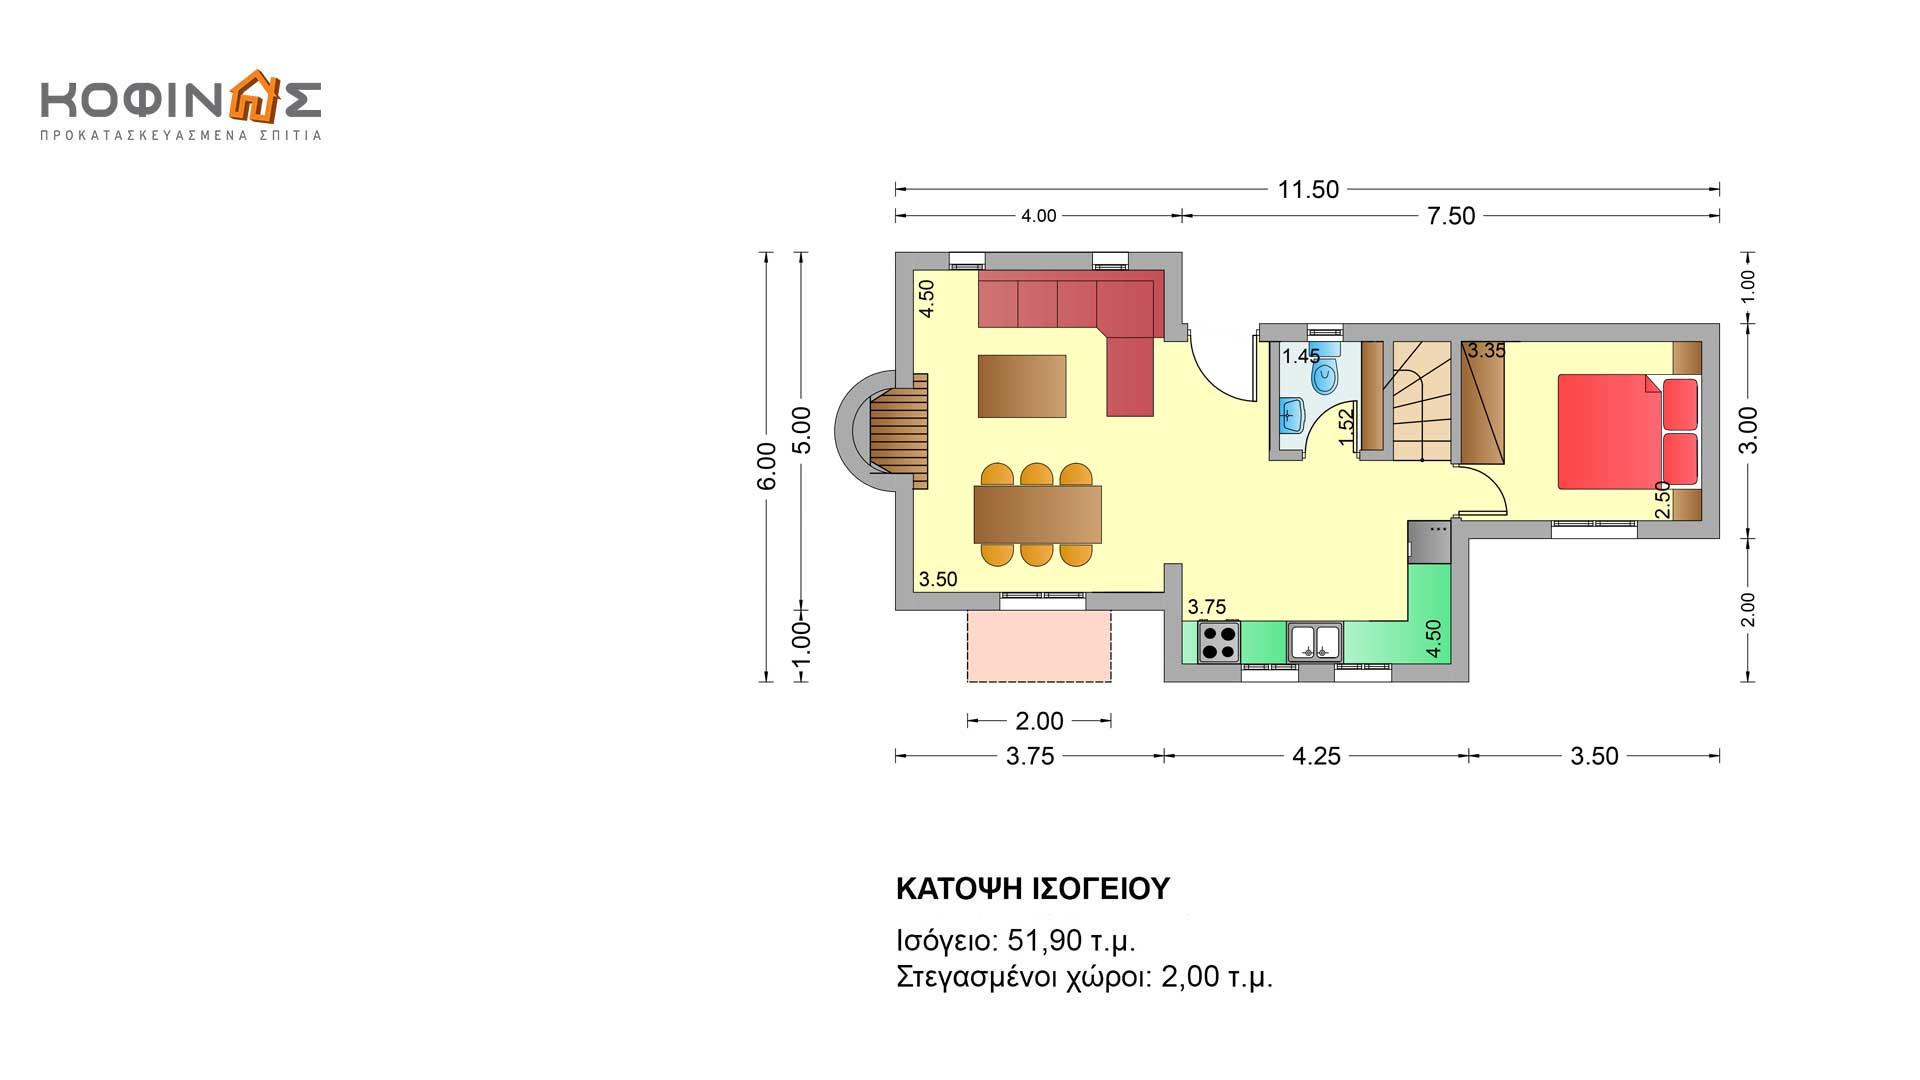 Διώροφη Κατοικία E-82, συνολικής επιφάνειας 82,30 τ.μ.